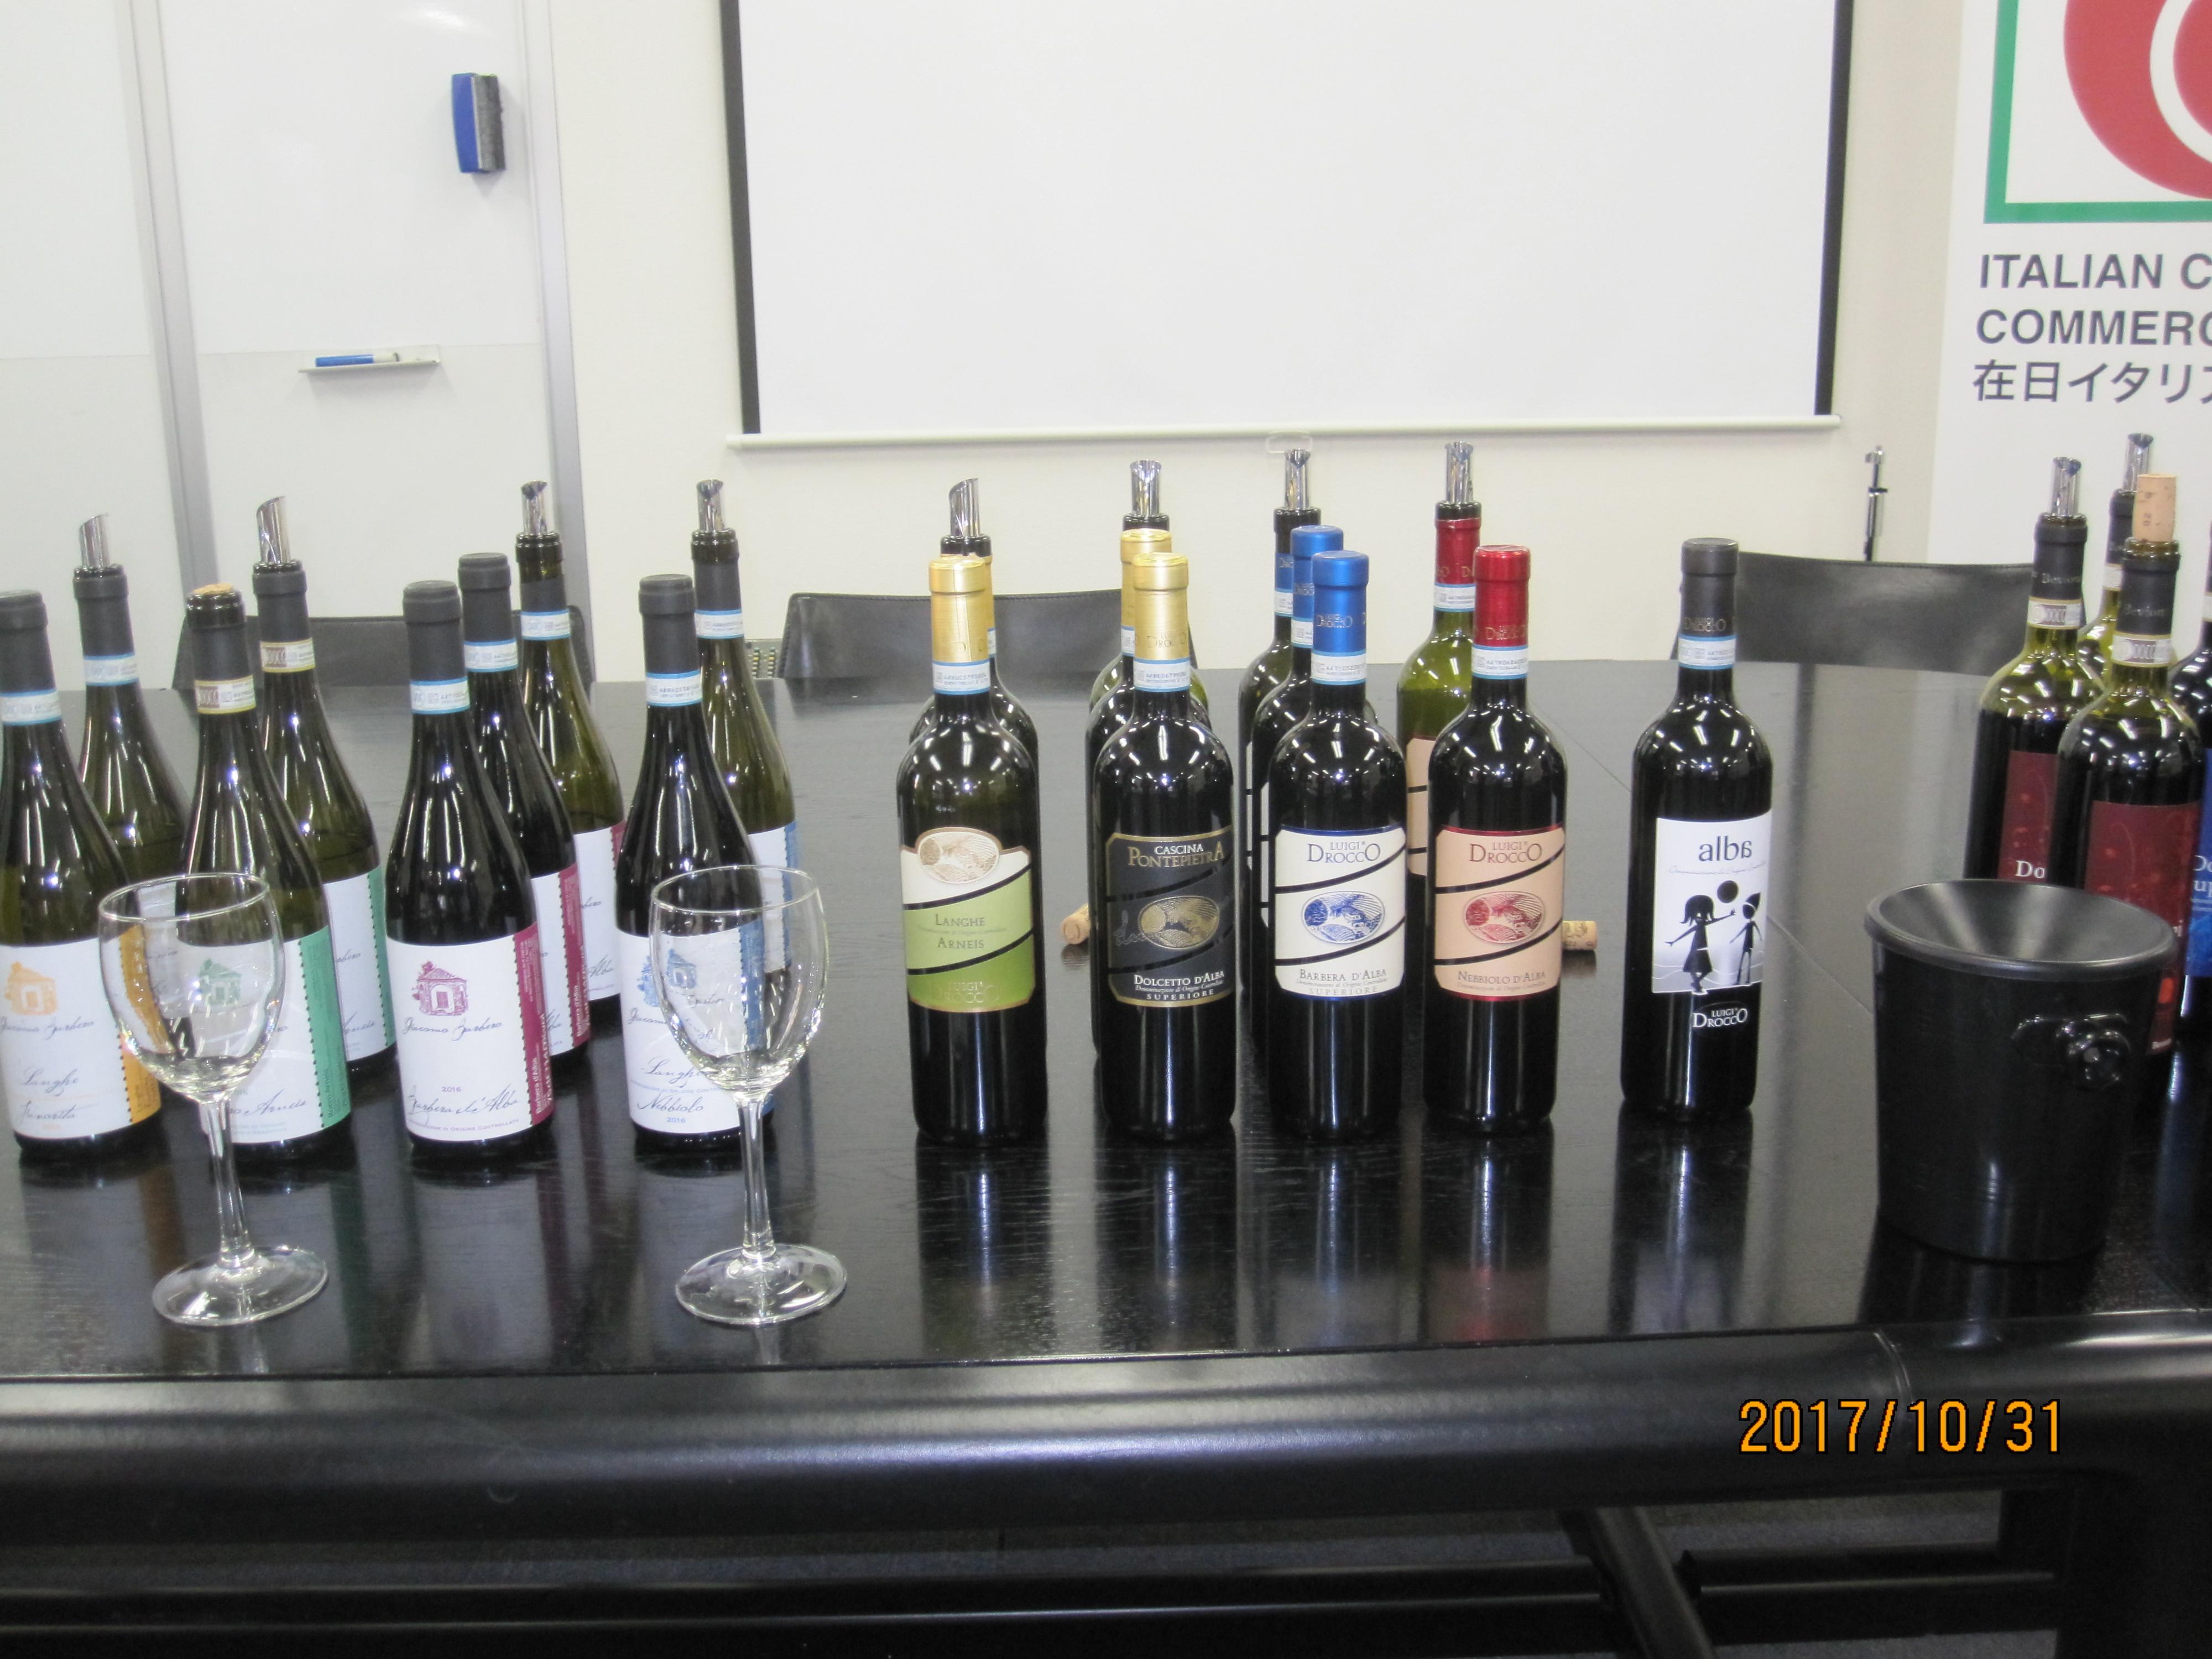 ピエモンテワイン試飲会・商談会「Sentimento Vinicolo Italiano開催! 在日イタリア商工会議所